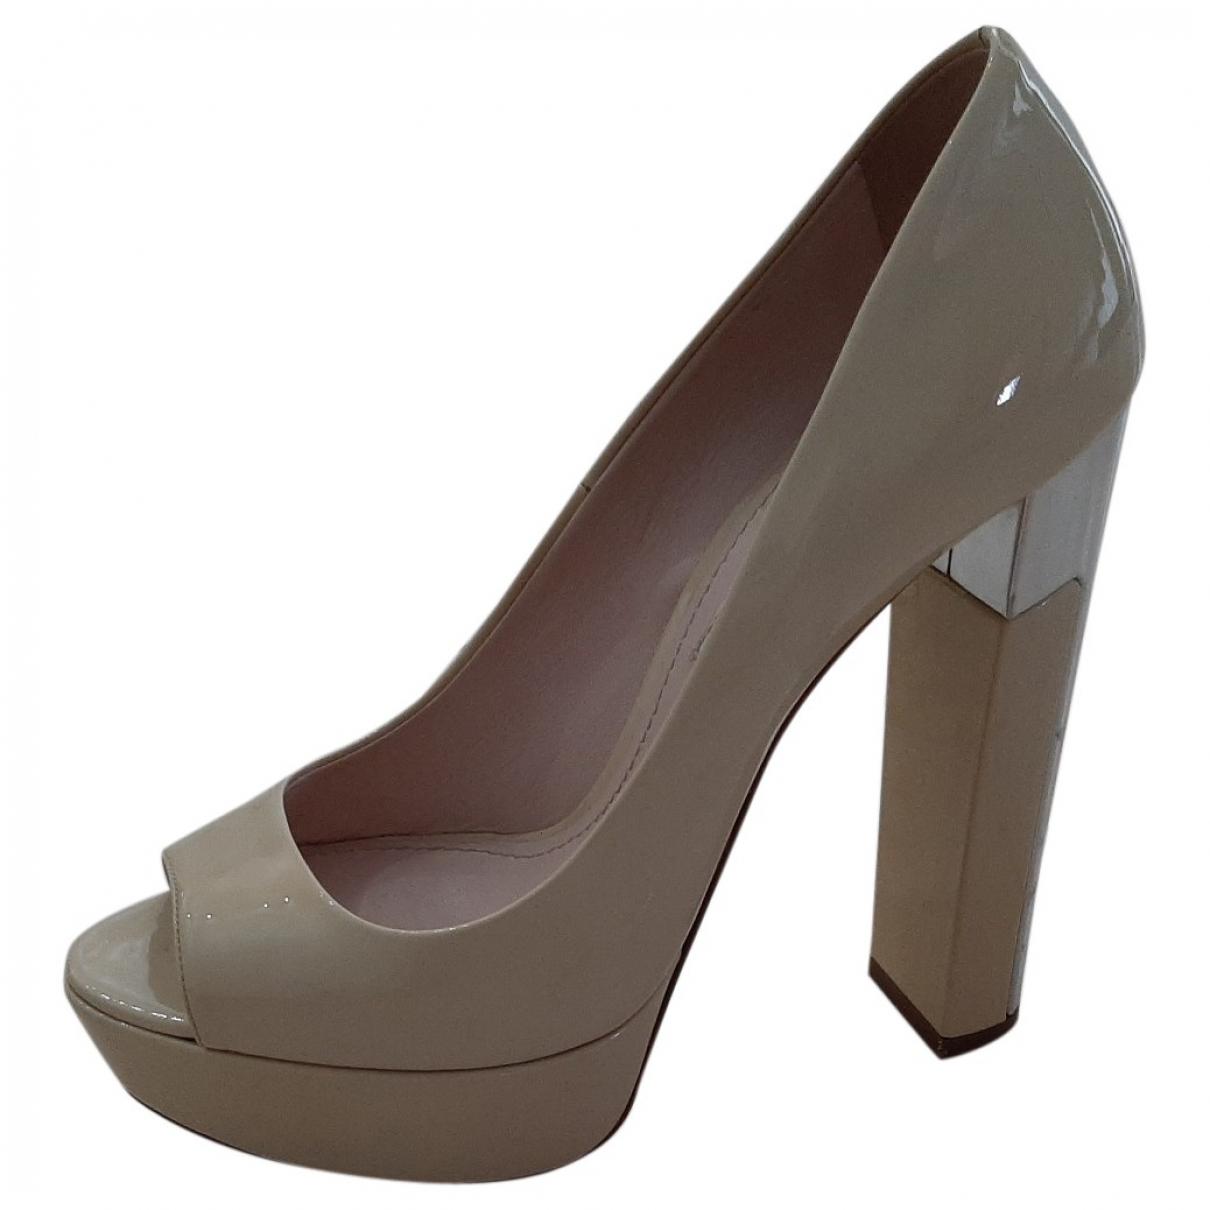 Miu Miu \N Beige Patent leather Heels for Women 36 EU